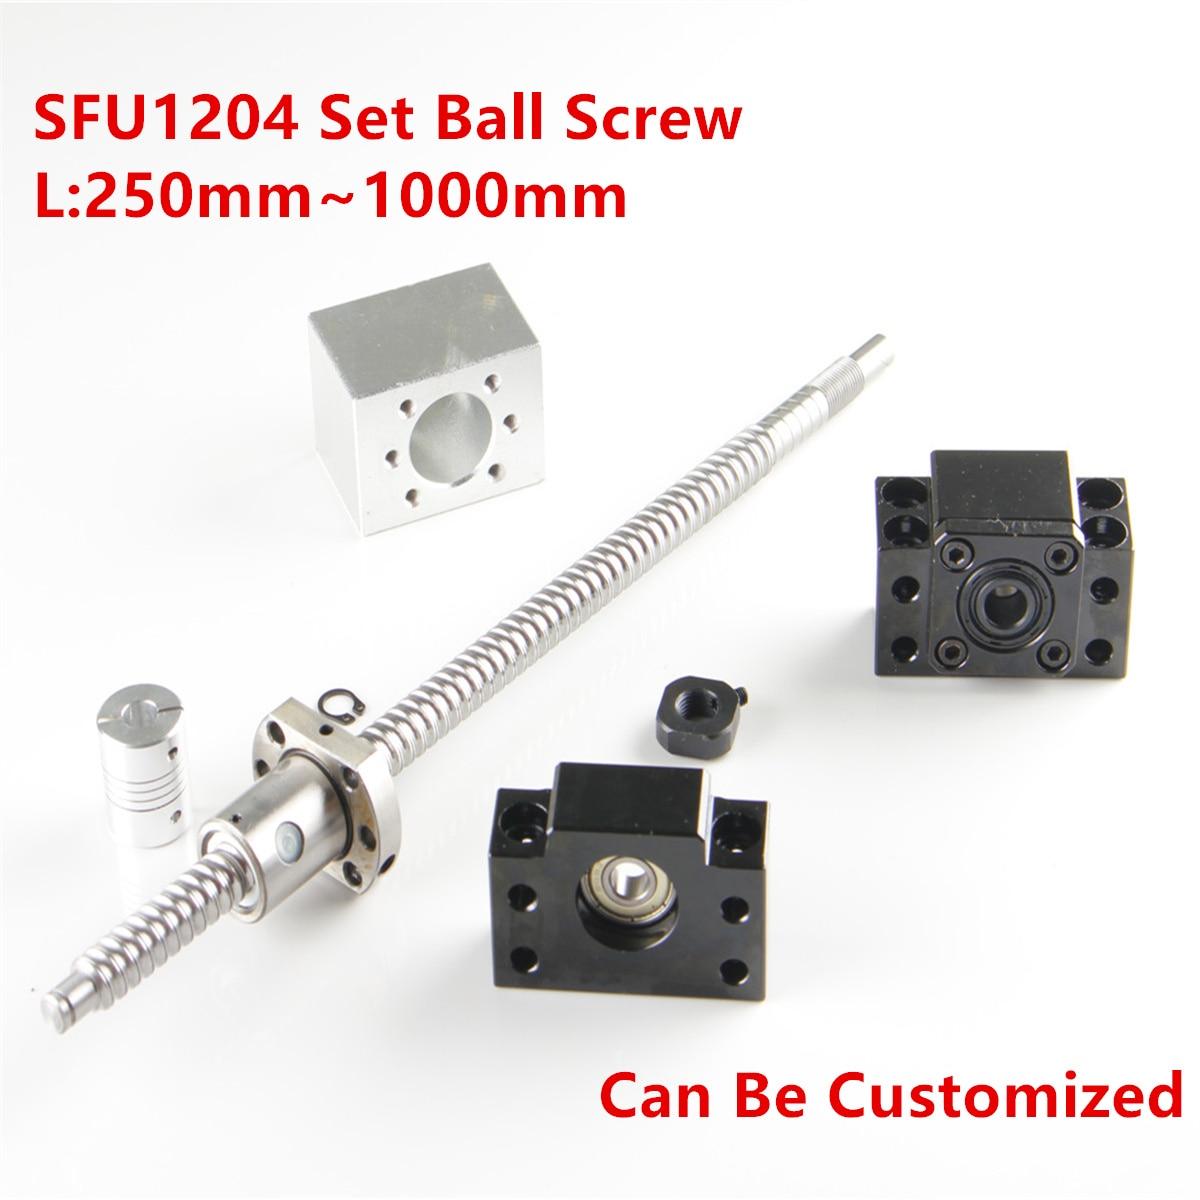 SFU1204 Rolled Ball Schroef C7 Met End Gefreesd 250-1500 Mm + Koppeling RM1204 + 1 Kogelmoerbehuizing + 1 Set BK10/BF10 End Ondersteuning